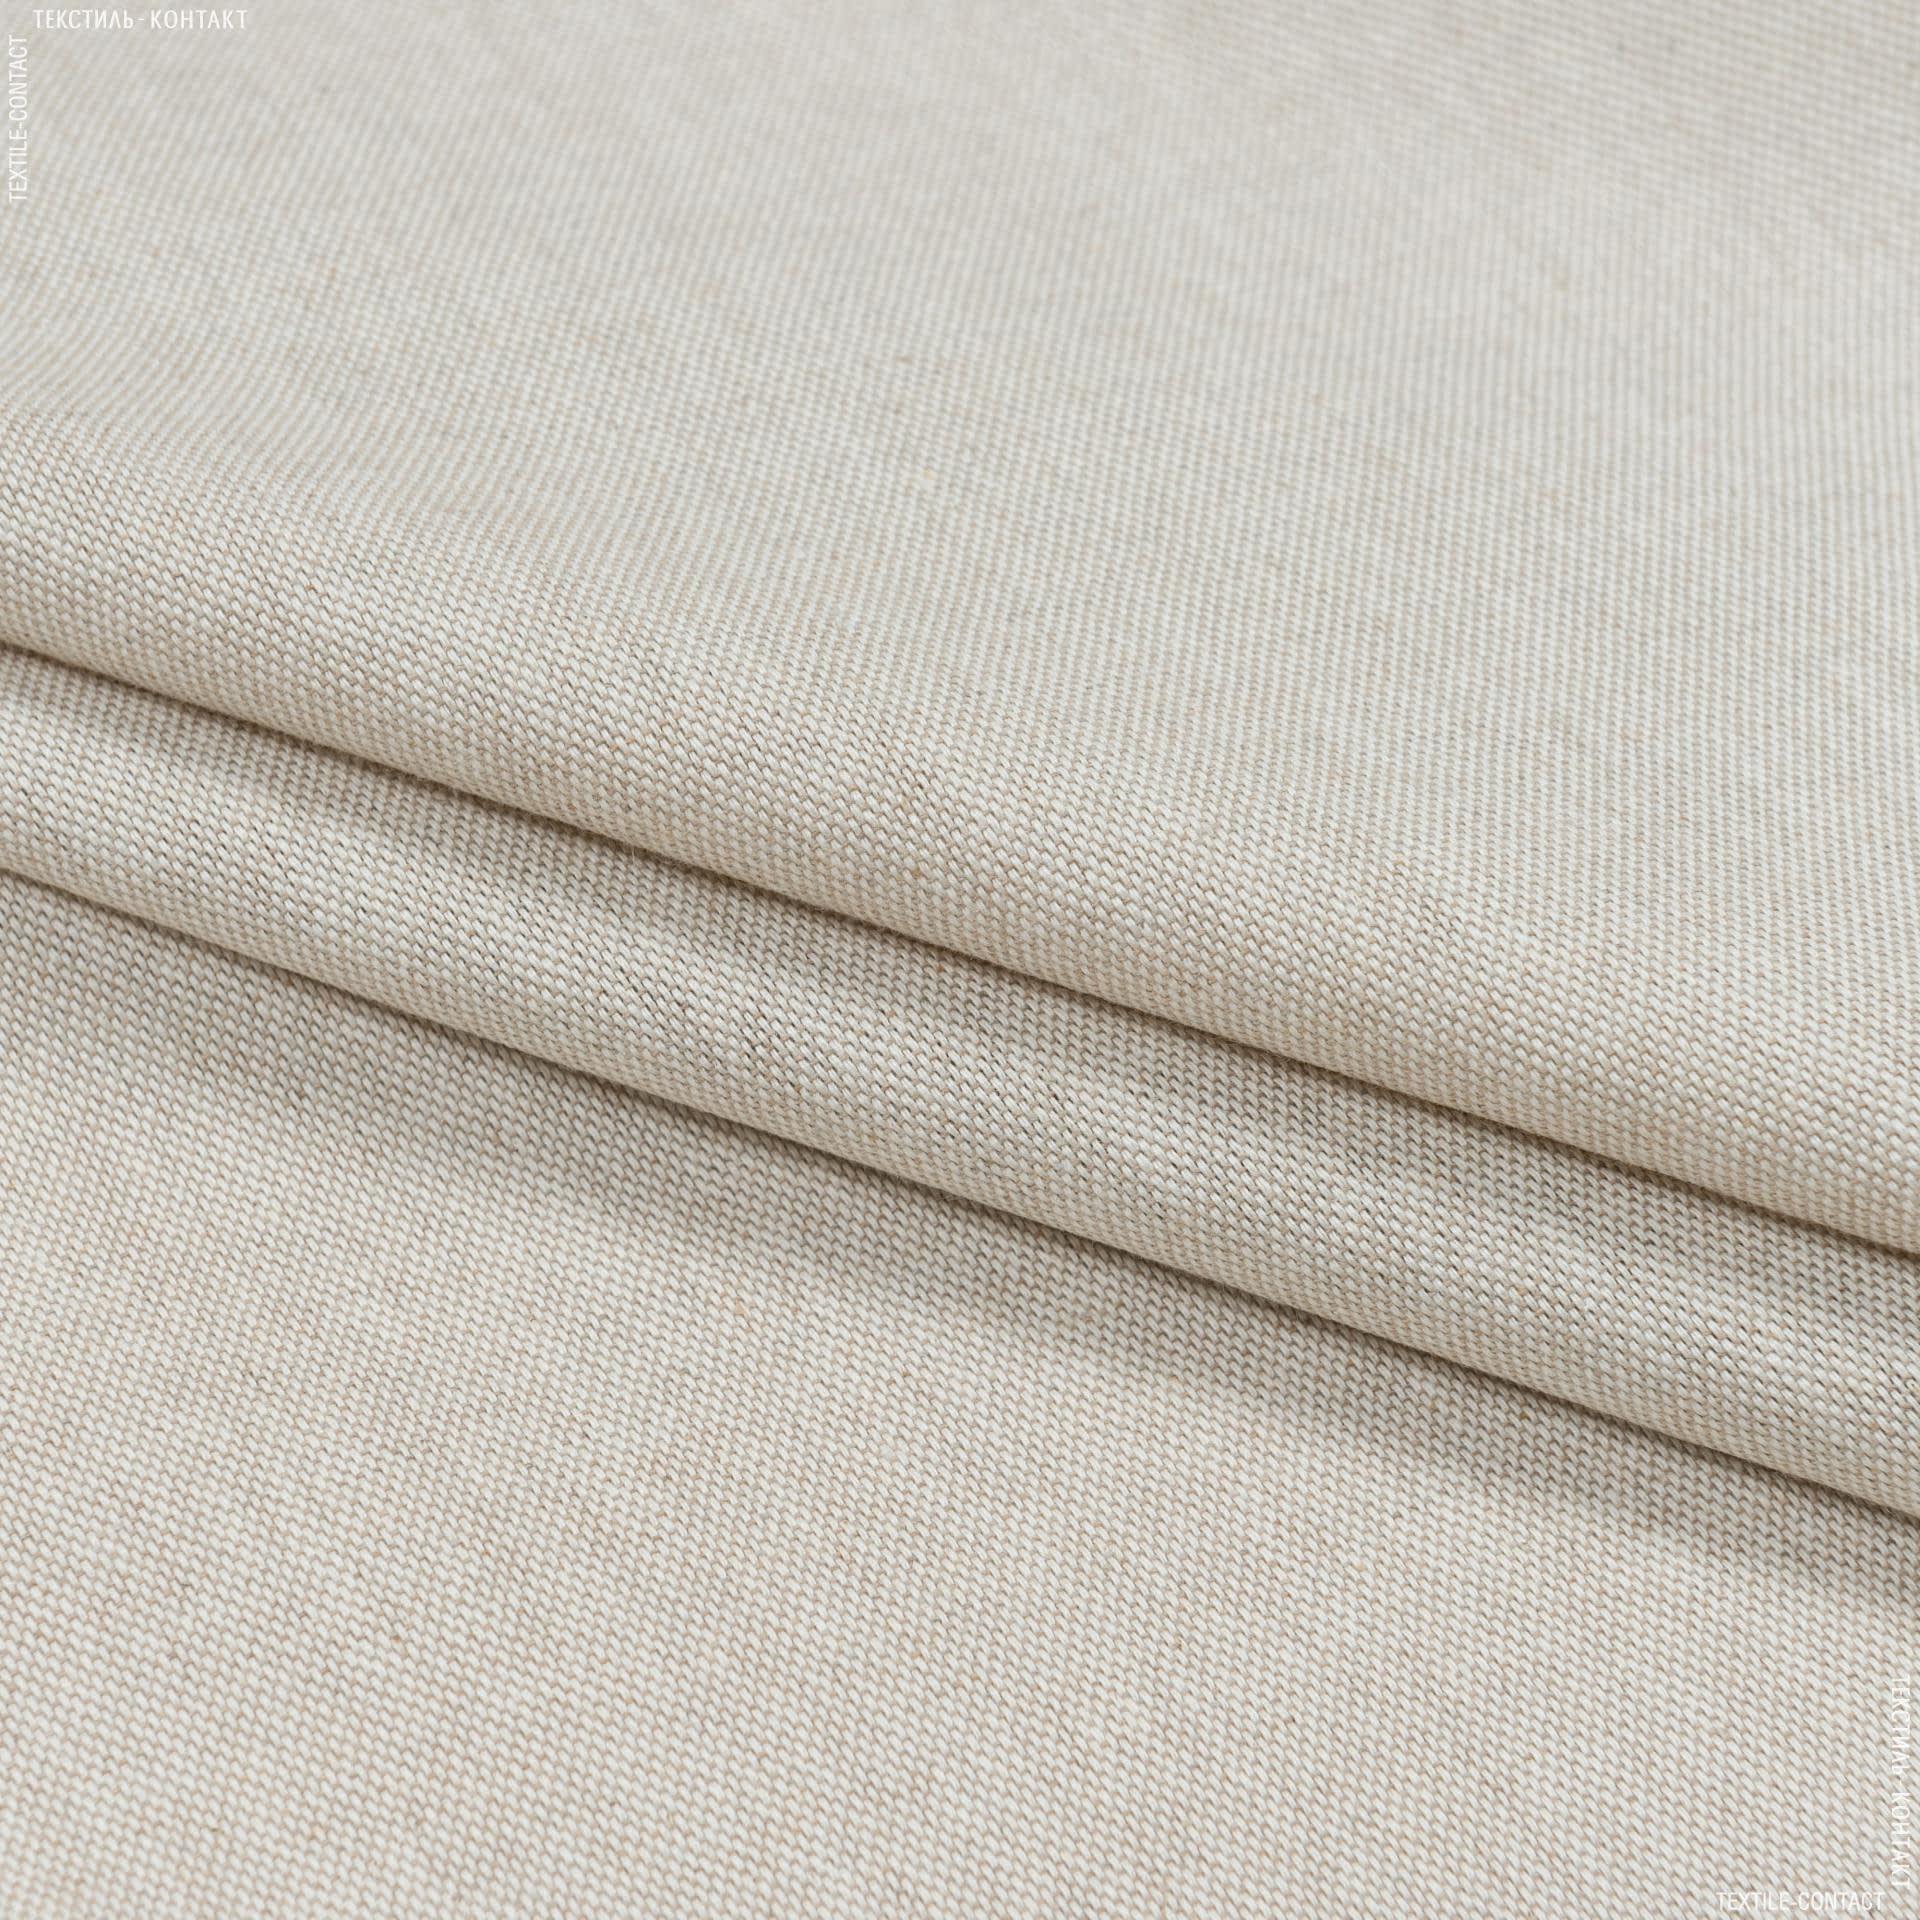 Ткани портьерные ткани - Декоративная ткань  лагос / lagos  св. беж